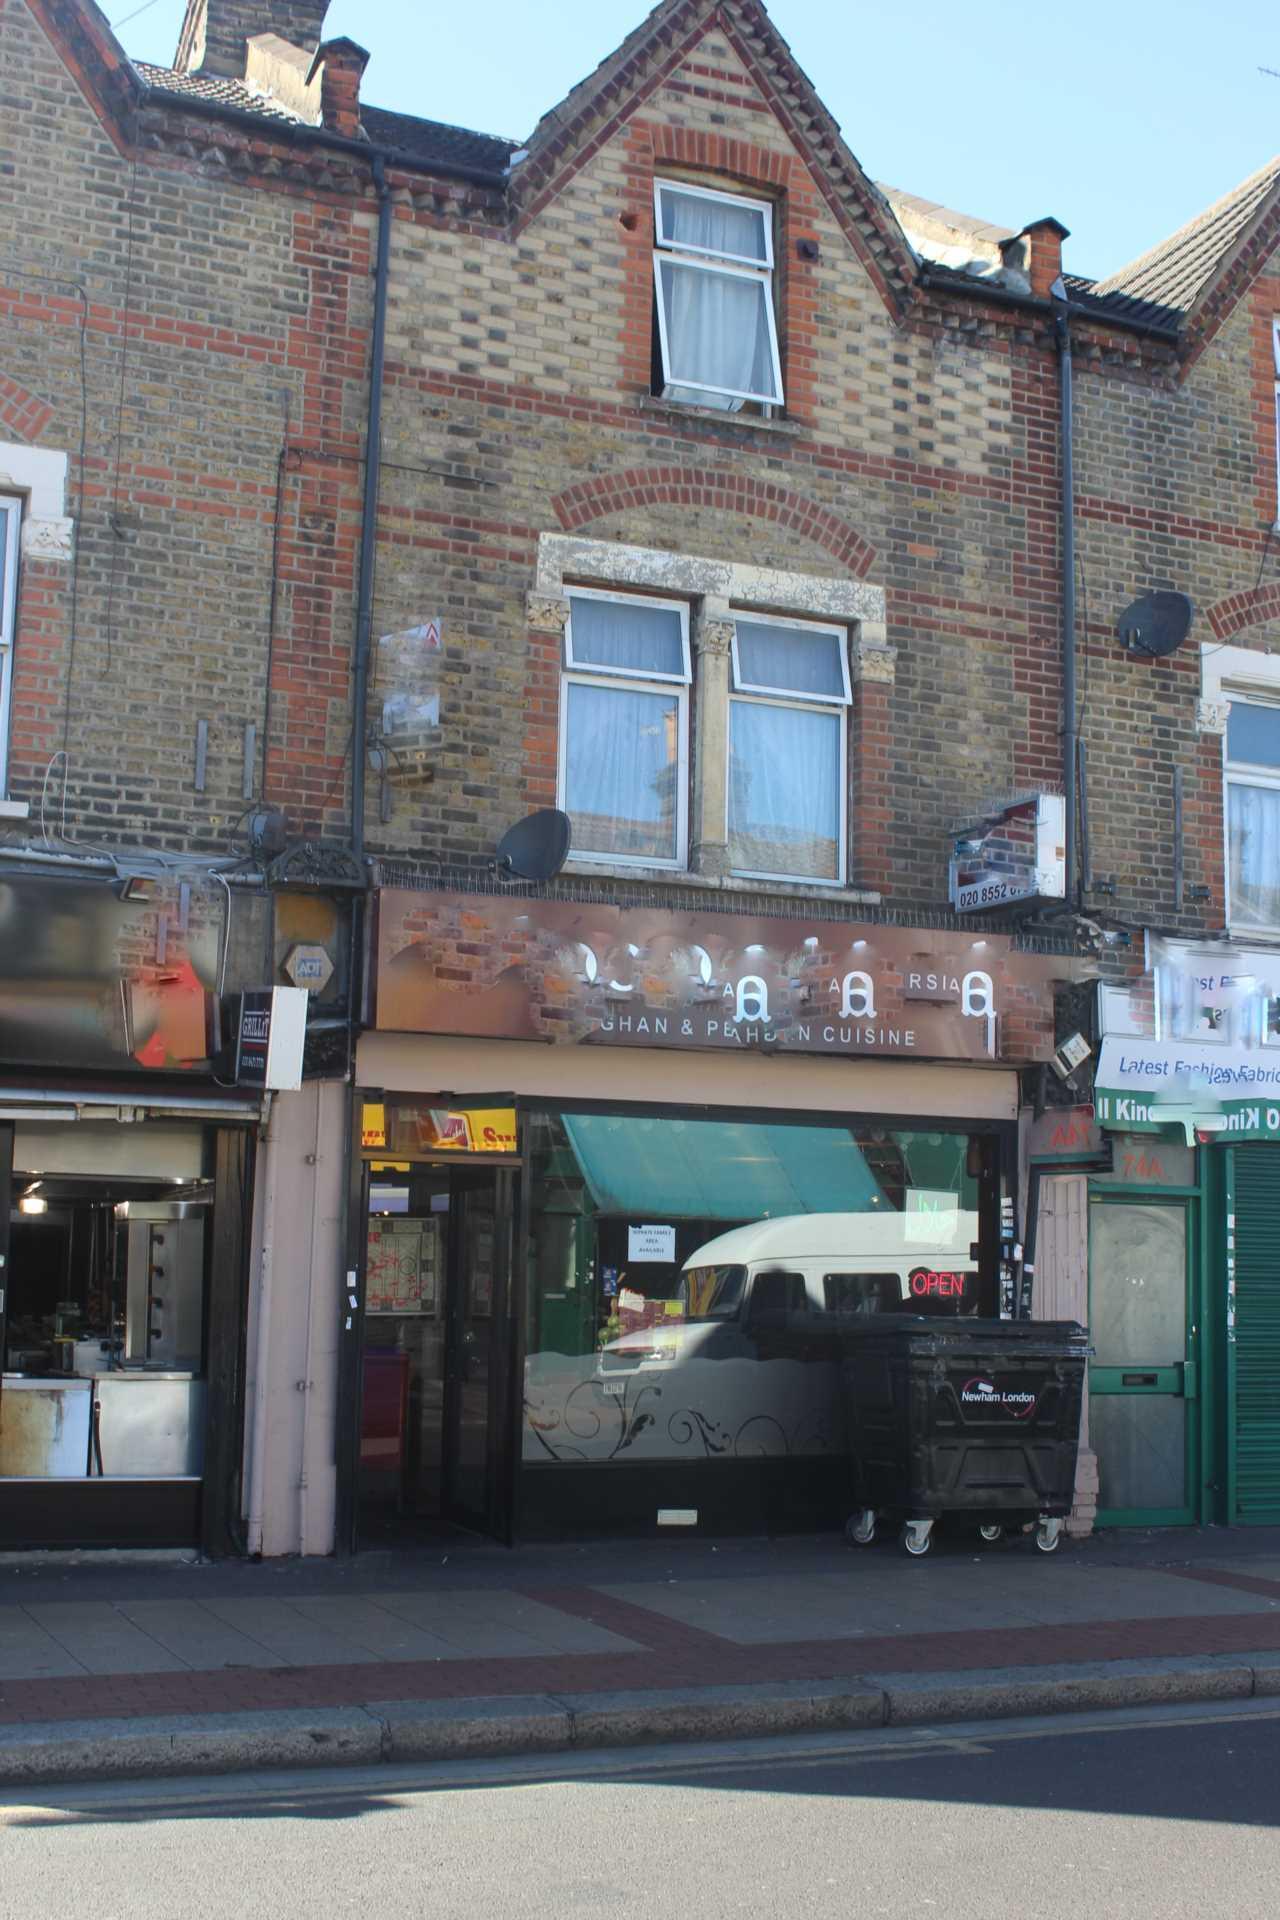 London E7 8JG, London